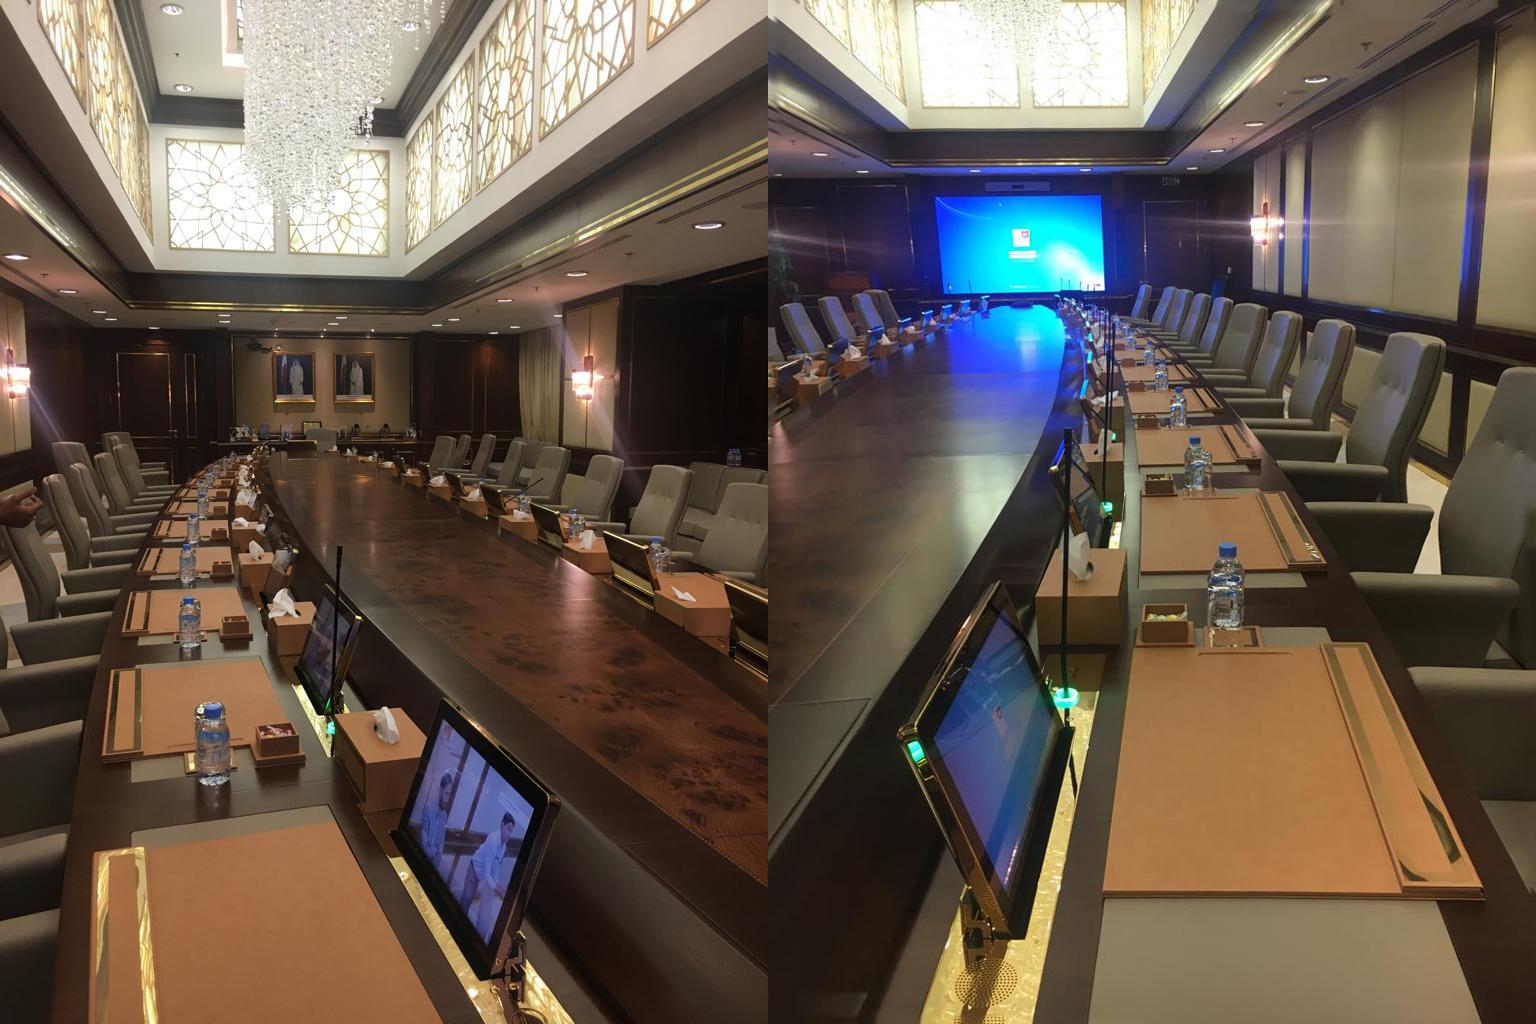 Arthur Holm protagoniza la sala de dirección de Qatargas en Doha, Catar